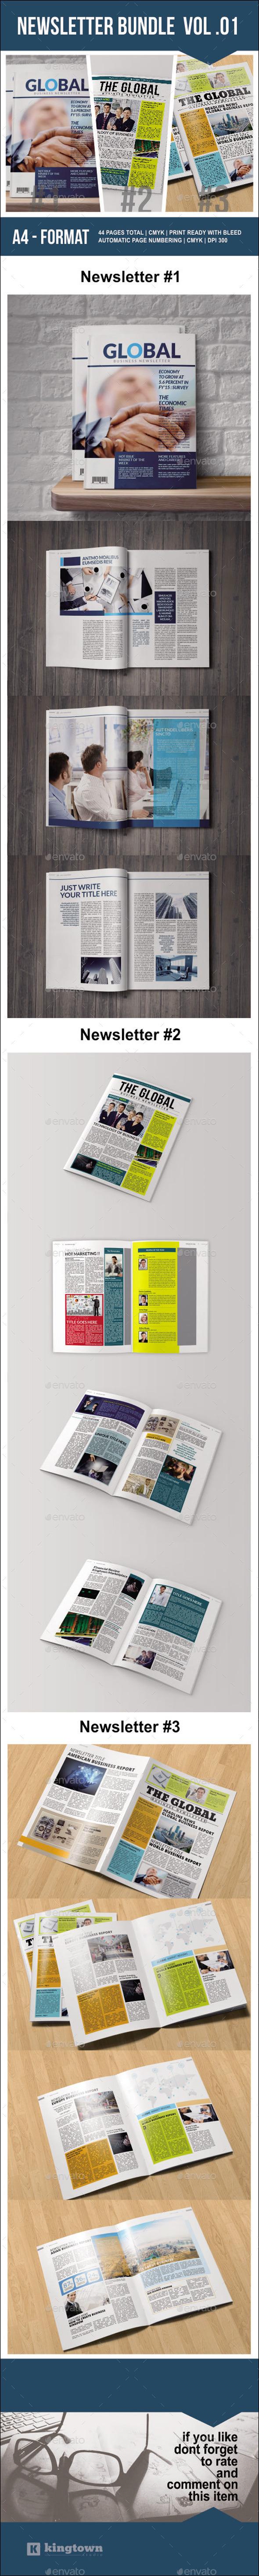 GraphicRiver Newsletter Bundle Vol 01 9819634